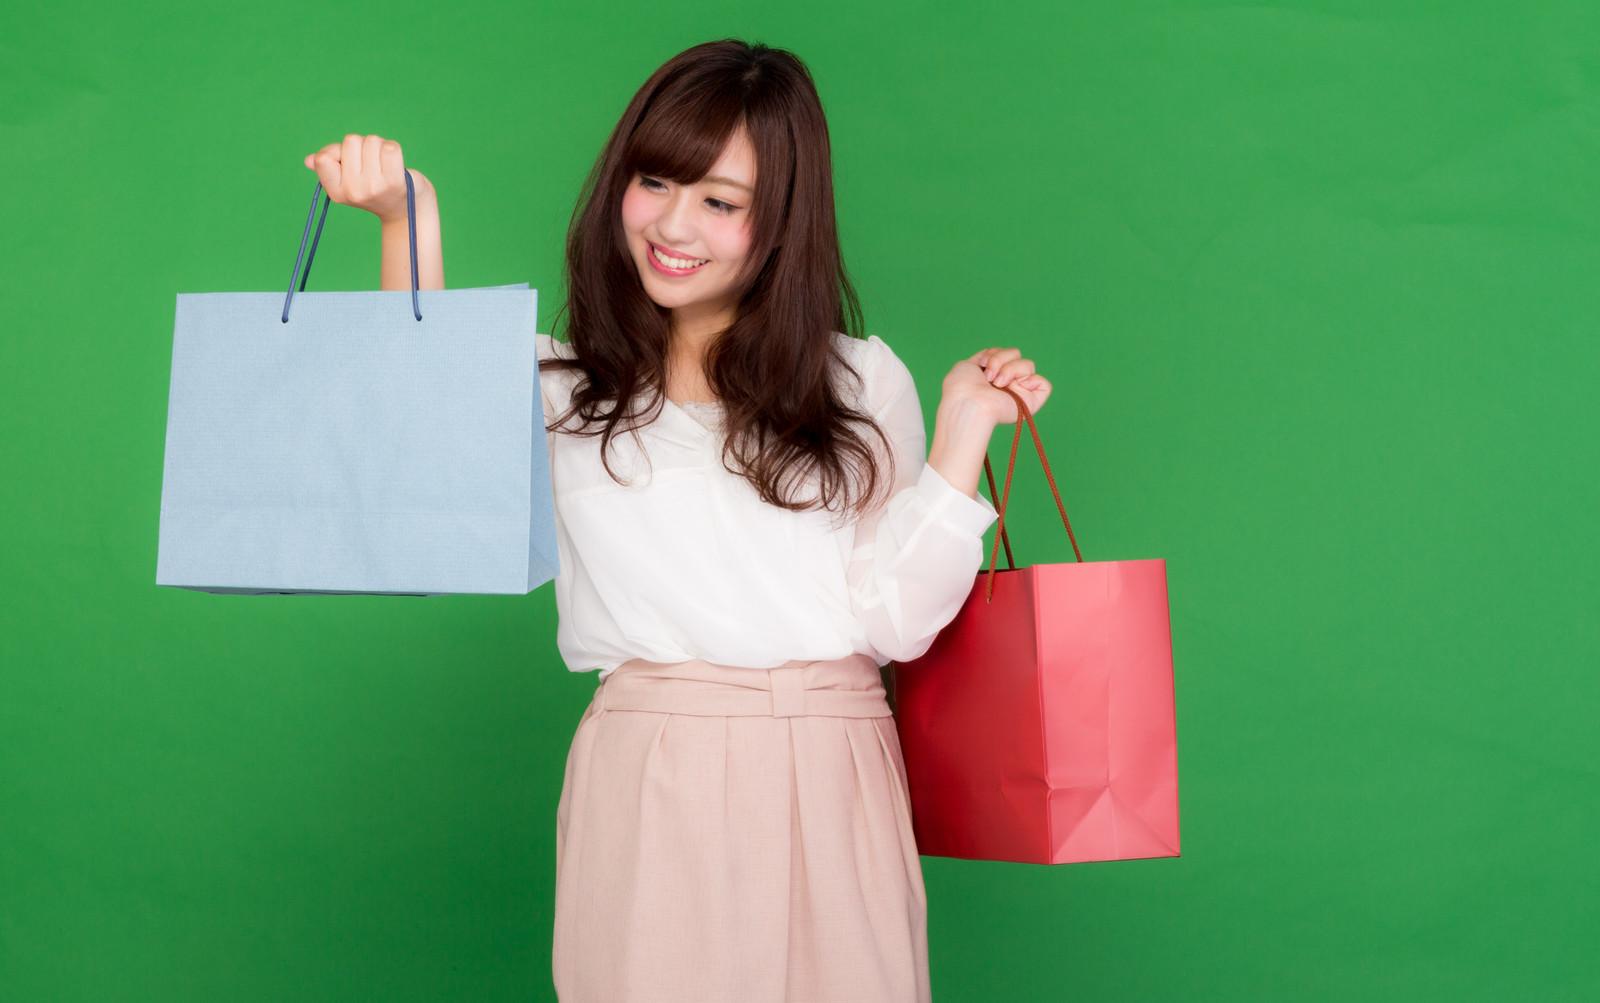 軽井沢のお土産人気ランキングTOP21!お菓子や雑貨・名産品などおすすめ紹介